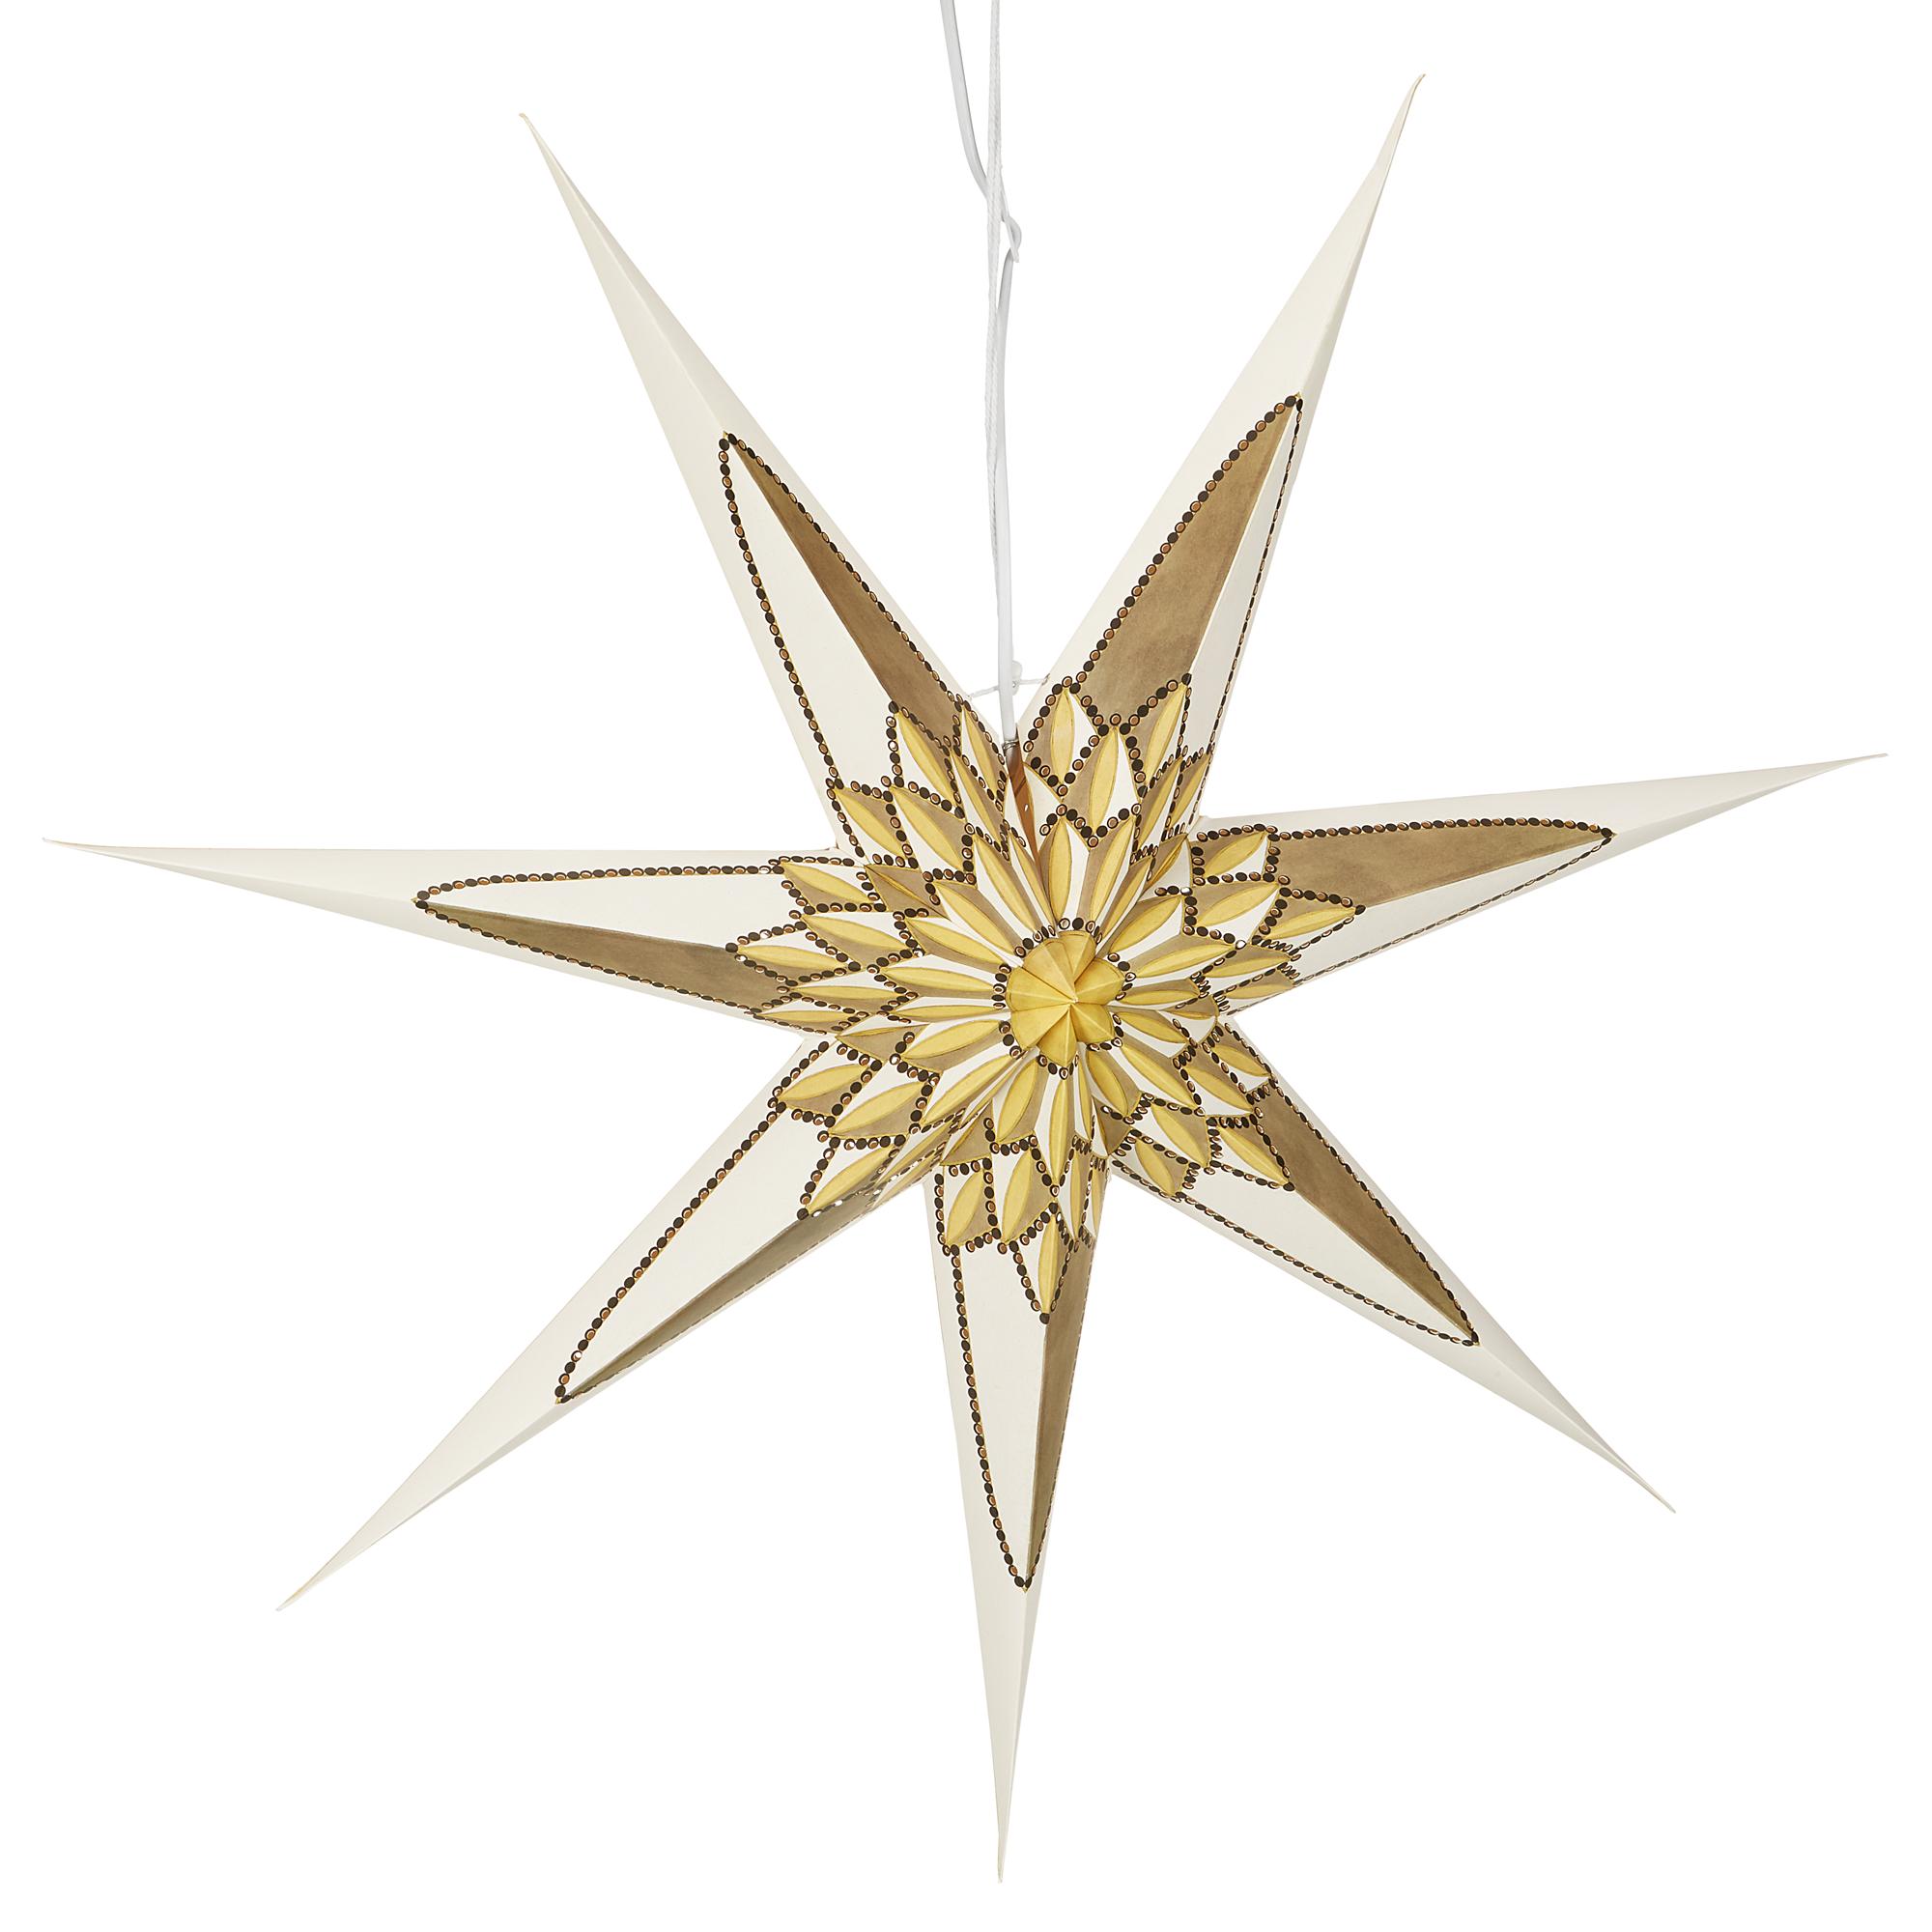 Konstsmide Weihnachtsstern Papier Perforiert Weiss Golden 78 X 78 Cm